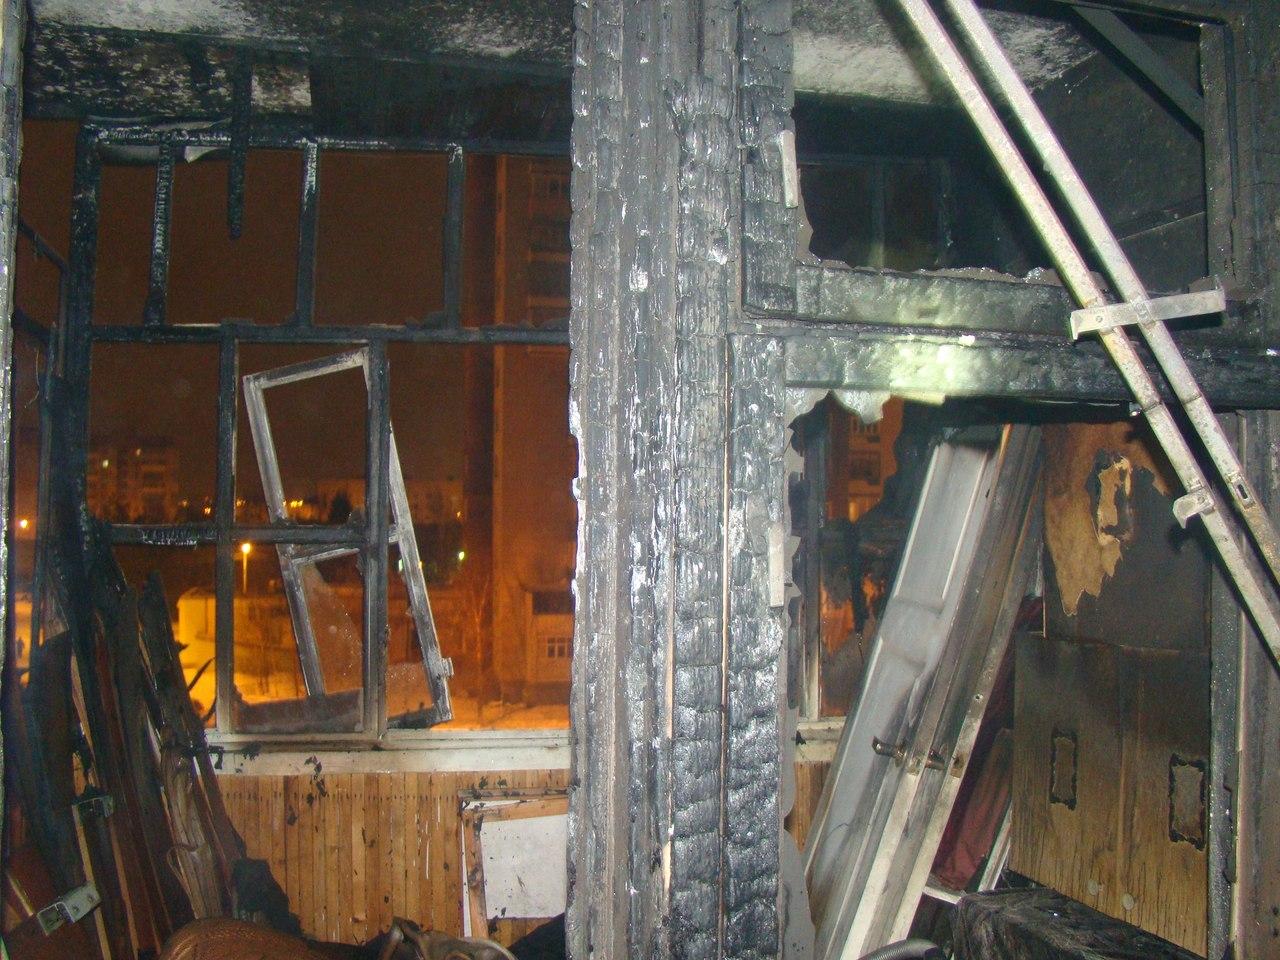 В Вологде полицейские, вызванные на шум драки, застали в квартире пожар